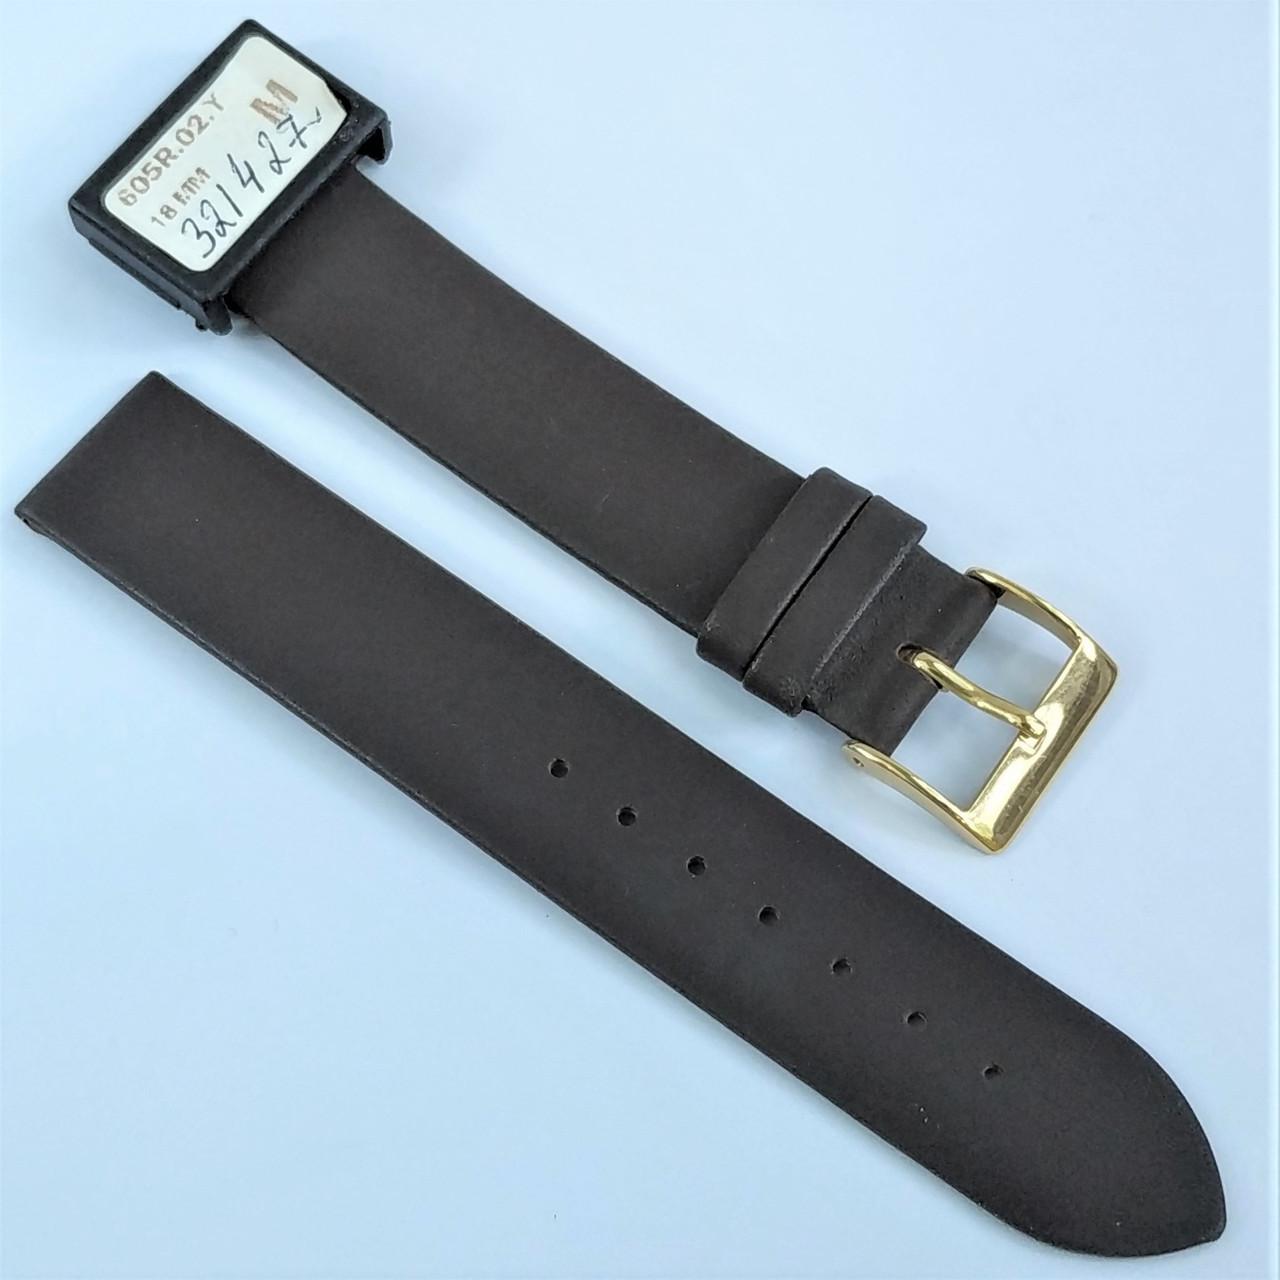 18 мм Кожаный Ремешок для часов CONDOR 605.18.02 Коричневый Ремешок на часы из Натуральной кожи